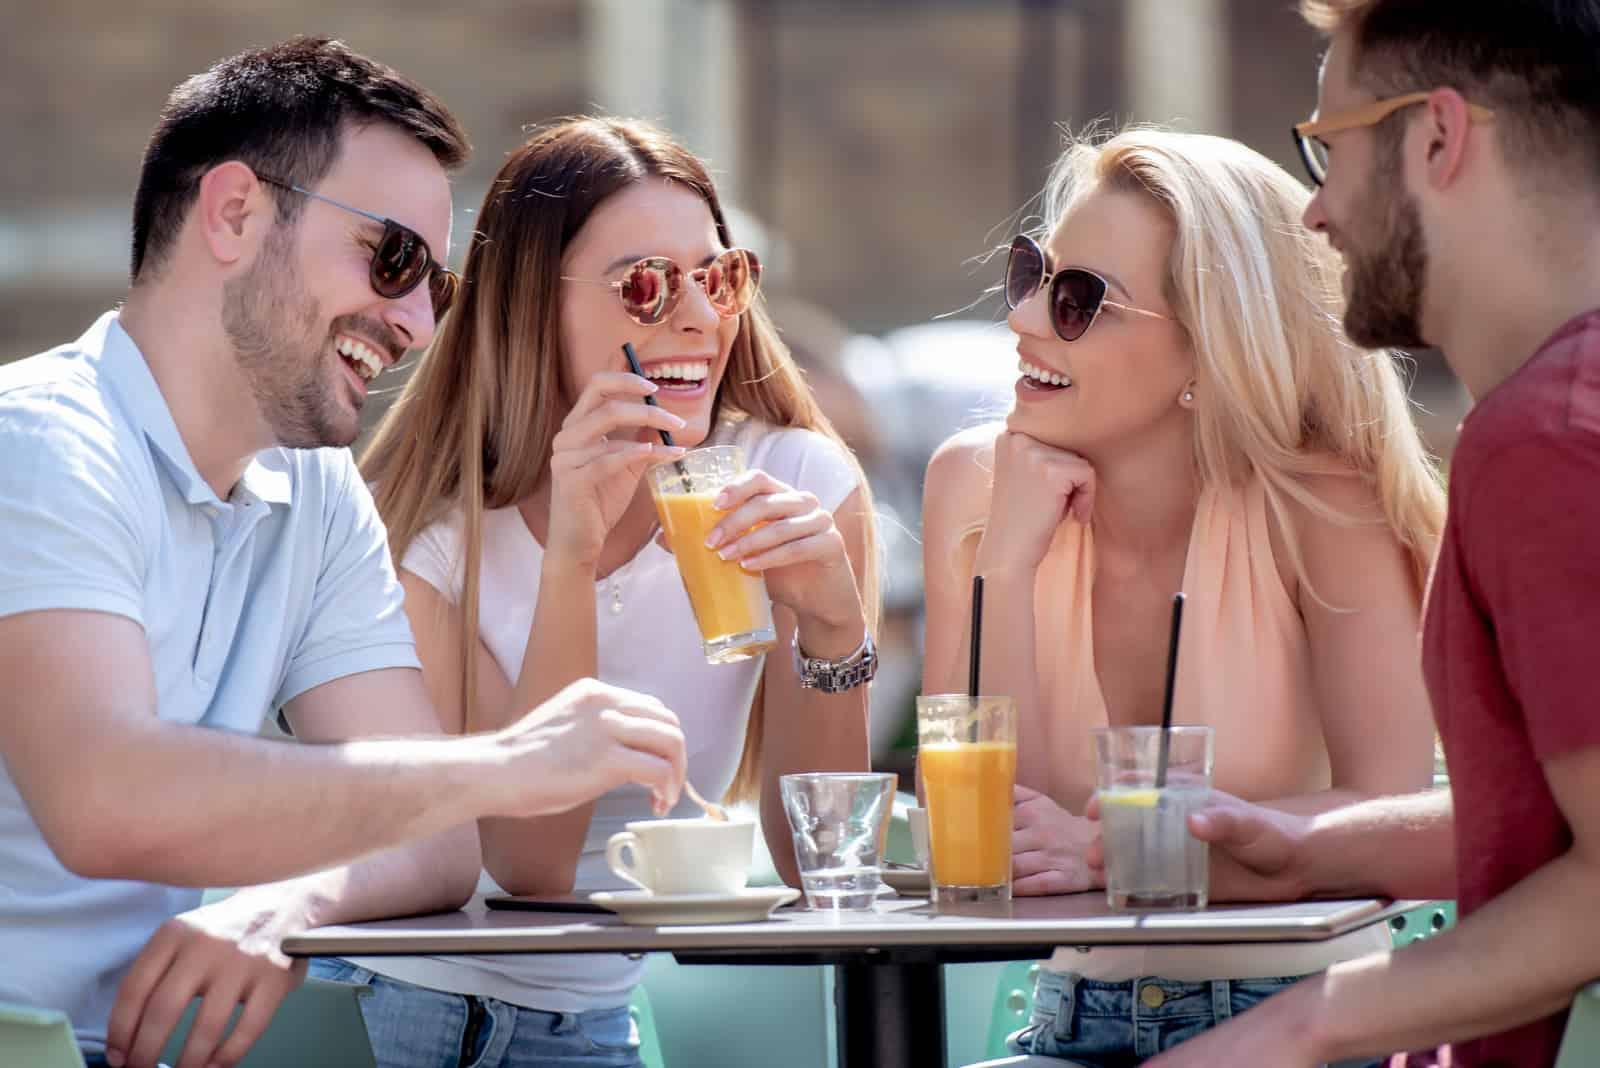 quatre amis samusant dans un café ensemble